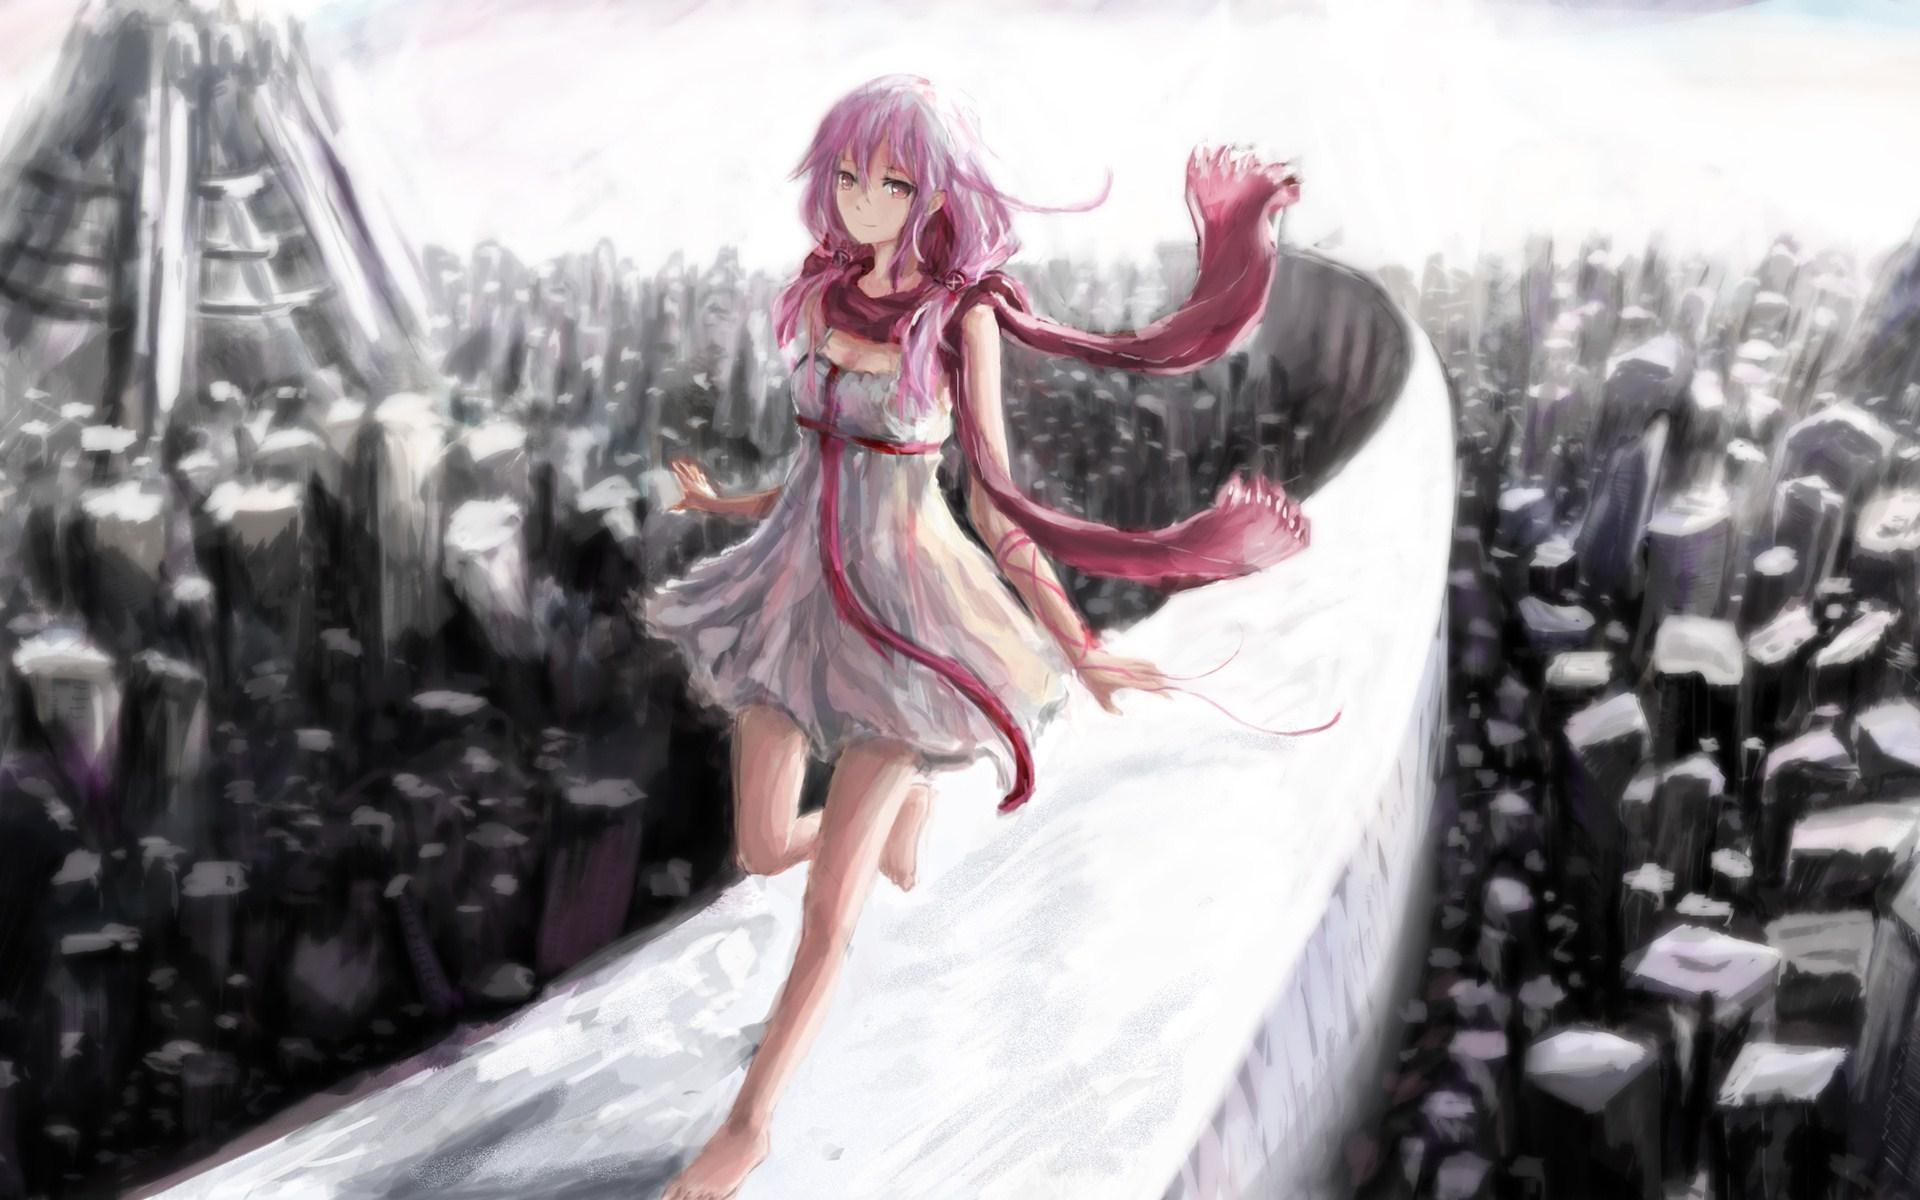 Lovely Anime Girl HD Wallpaper - FreeWallsUp